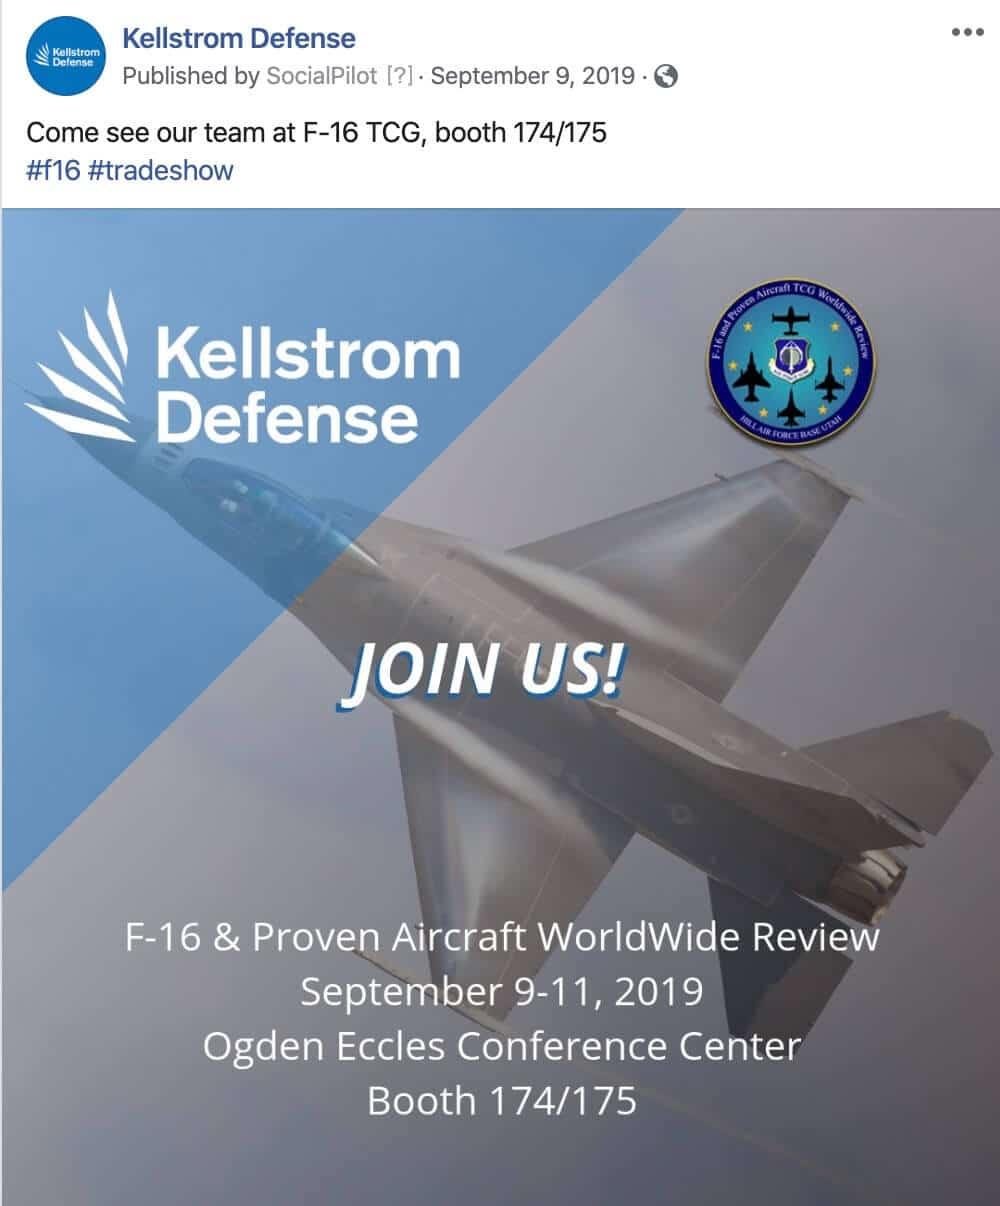 Social Media Postings for Defense Companies